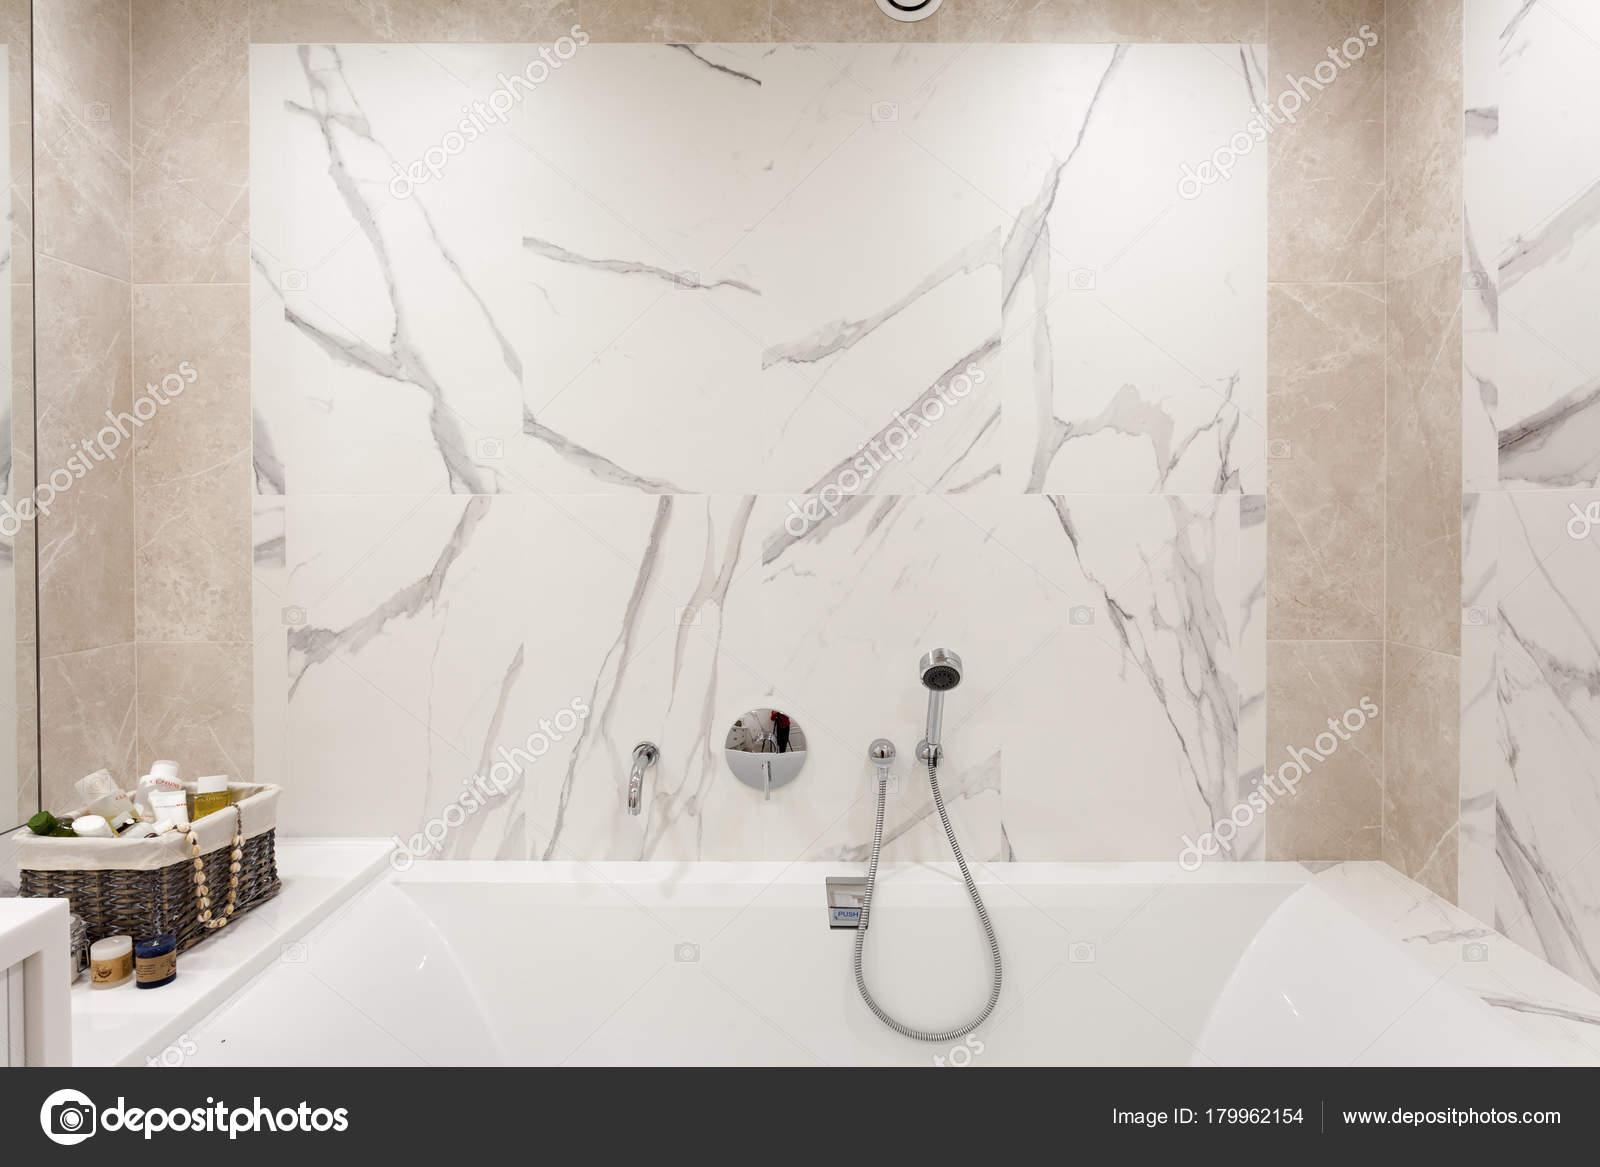 intrieur de la salle de bain salle de bains lumineuse avec nouvelles tuiles chrome douche robinet salle de bain blanc image de brizmaker